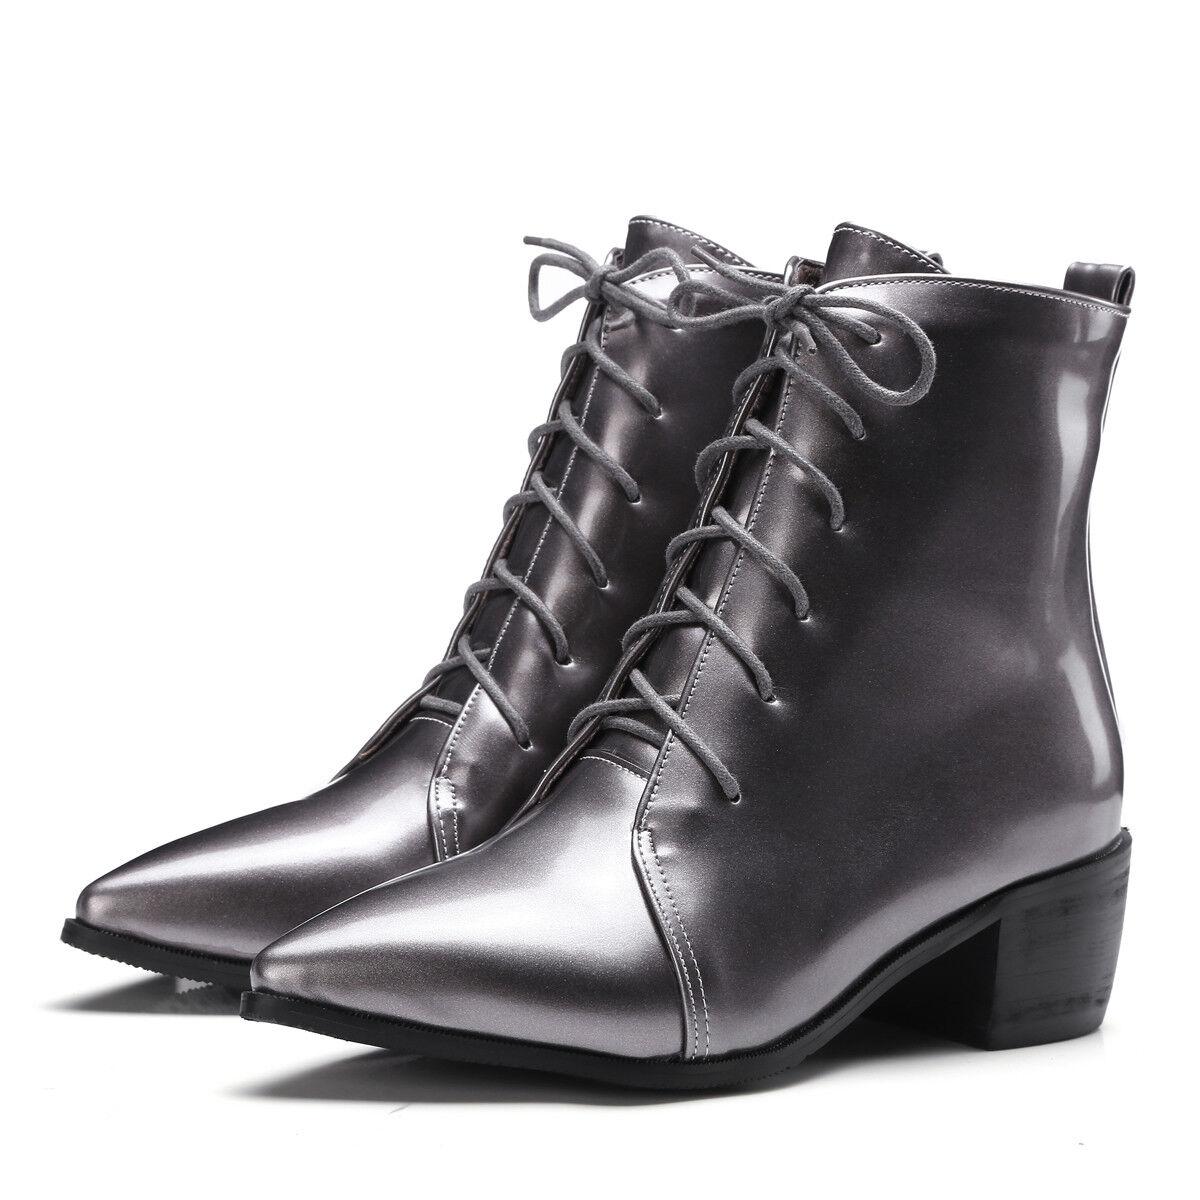 Damenschuhe Stiefel Stiefel Damenschuhe Stiefelletten Spitzer Blockabsatz Schnürsenkel Größe 33-44 24d31c